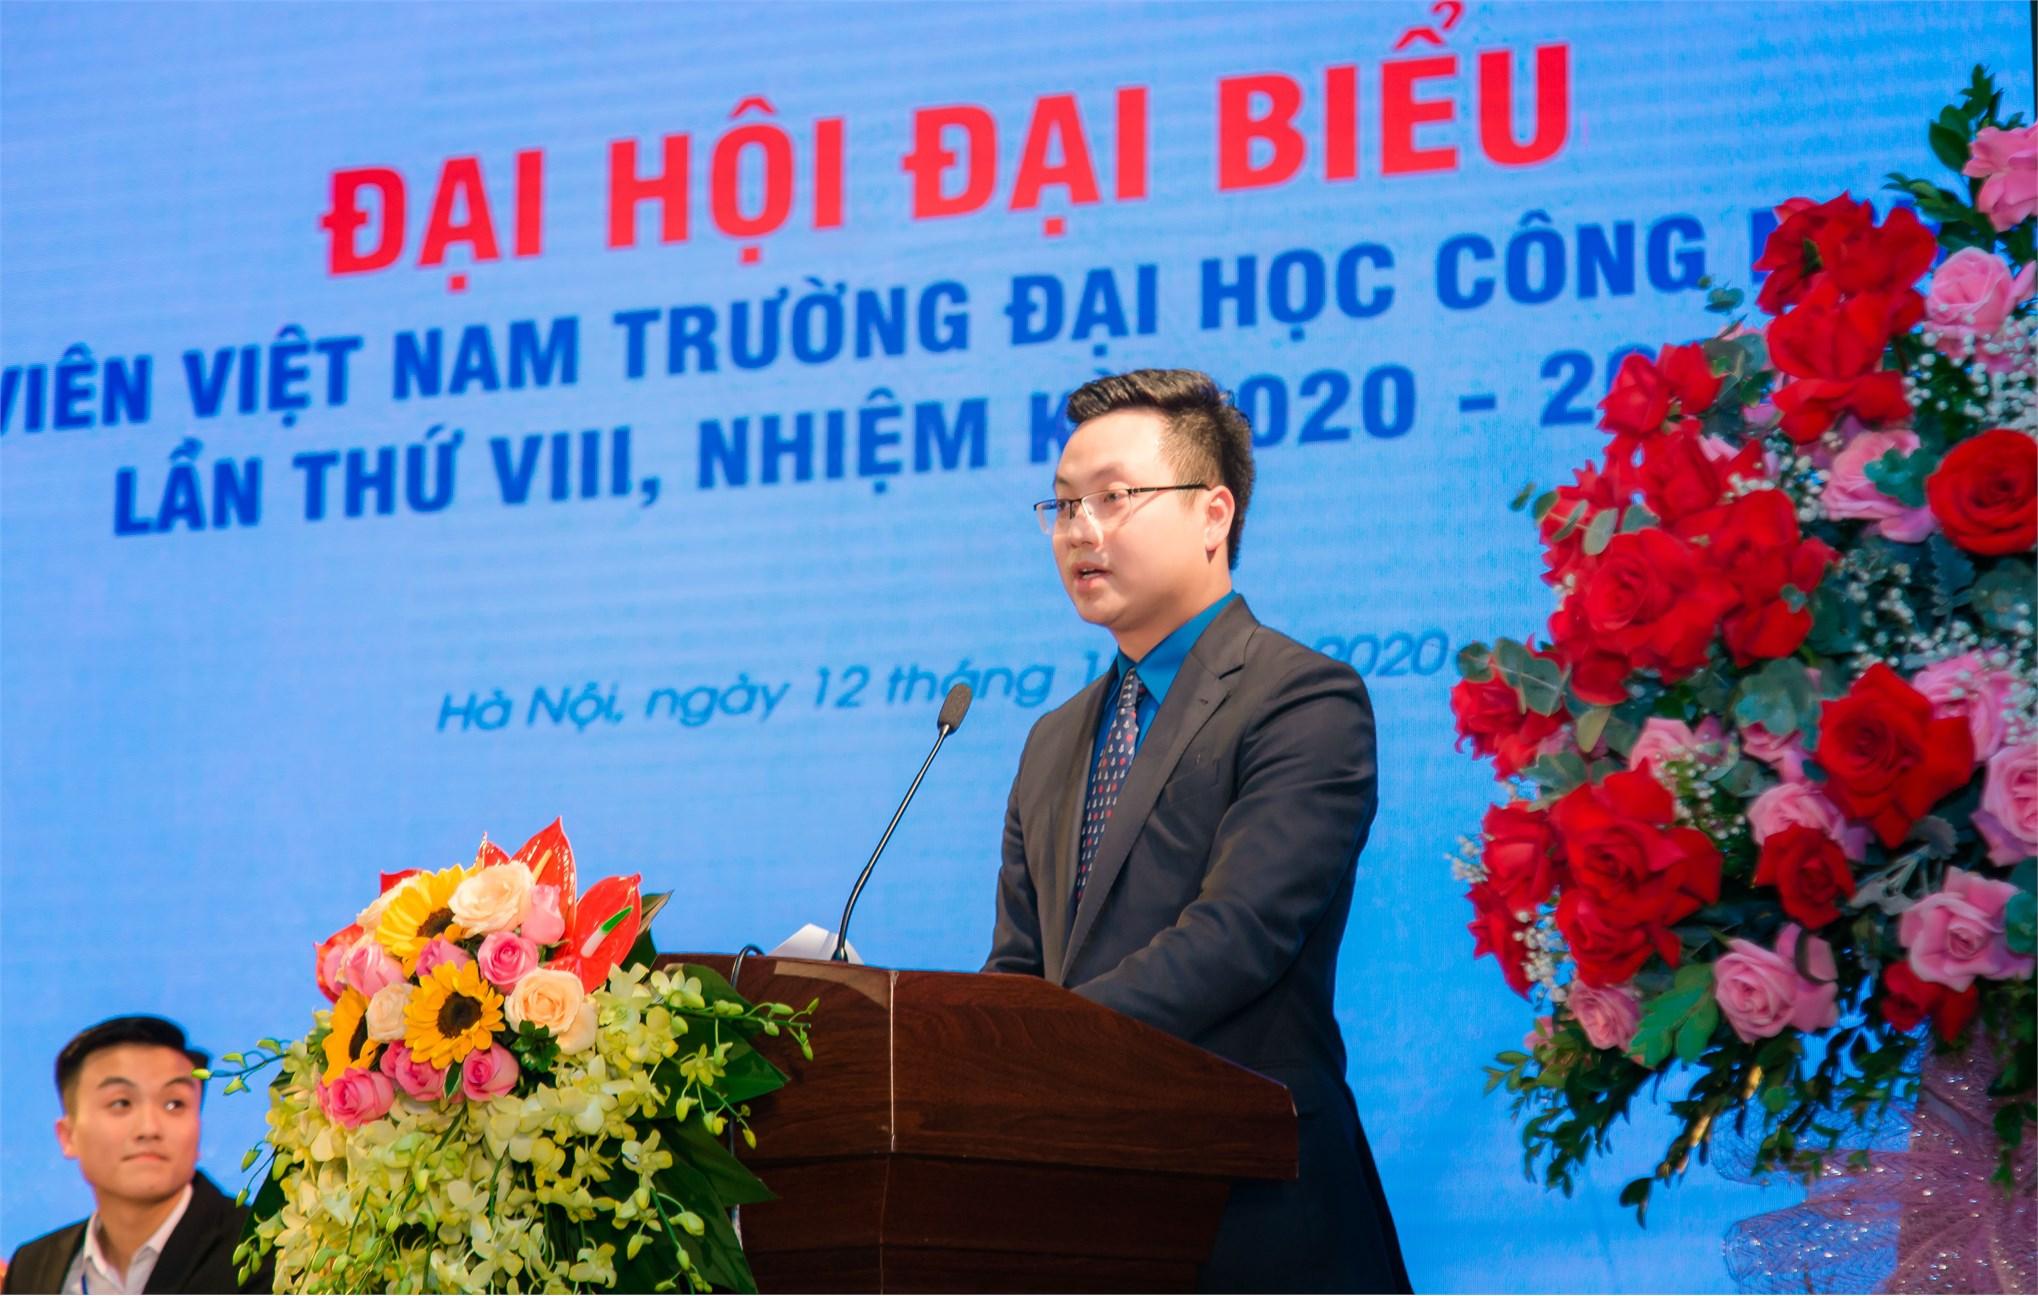 Đ/c Trần Quang Hưng - Phó Bí thư Thành đoàn Hà Nội phát biểu tại Đại hội